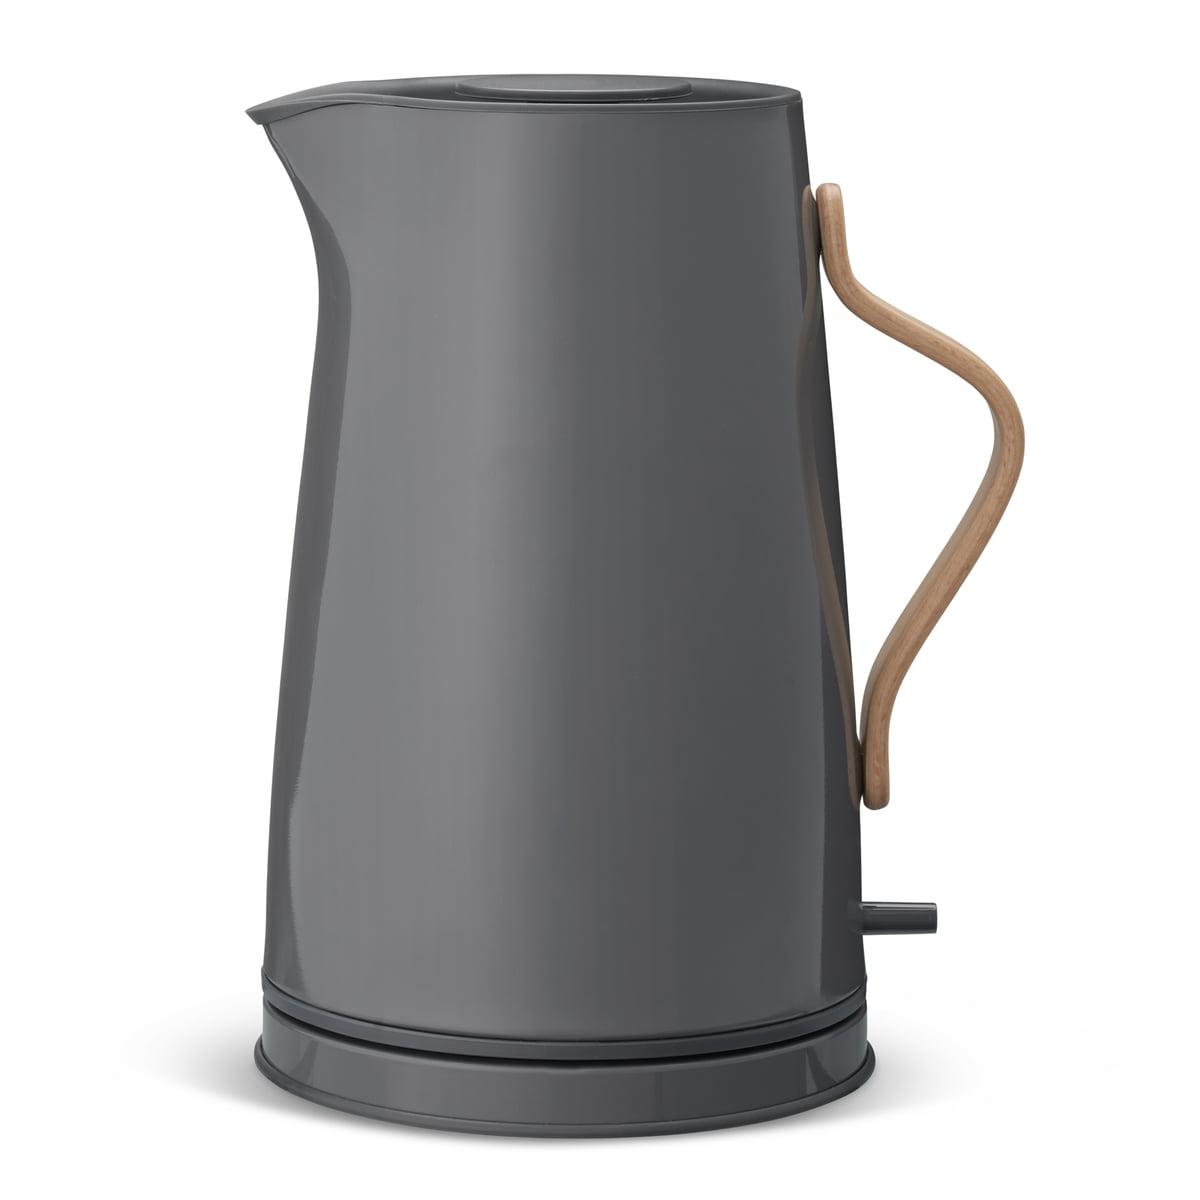 Stelton - Emma Wasserkocher 1,2 L, grau (EU) | Küche und Esszimmer > Küchengeräte > Wasserkocher | Grau | Edelstahl -  buchenholzgriff | Stelton